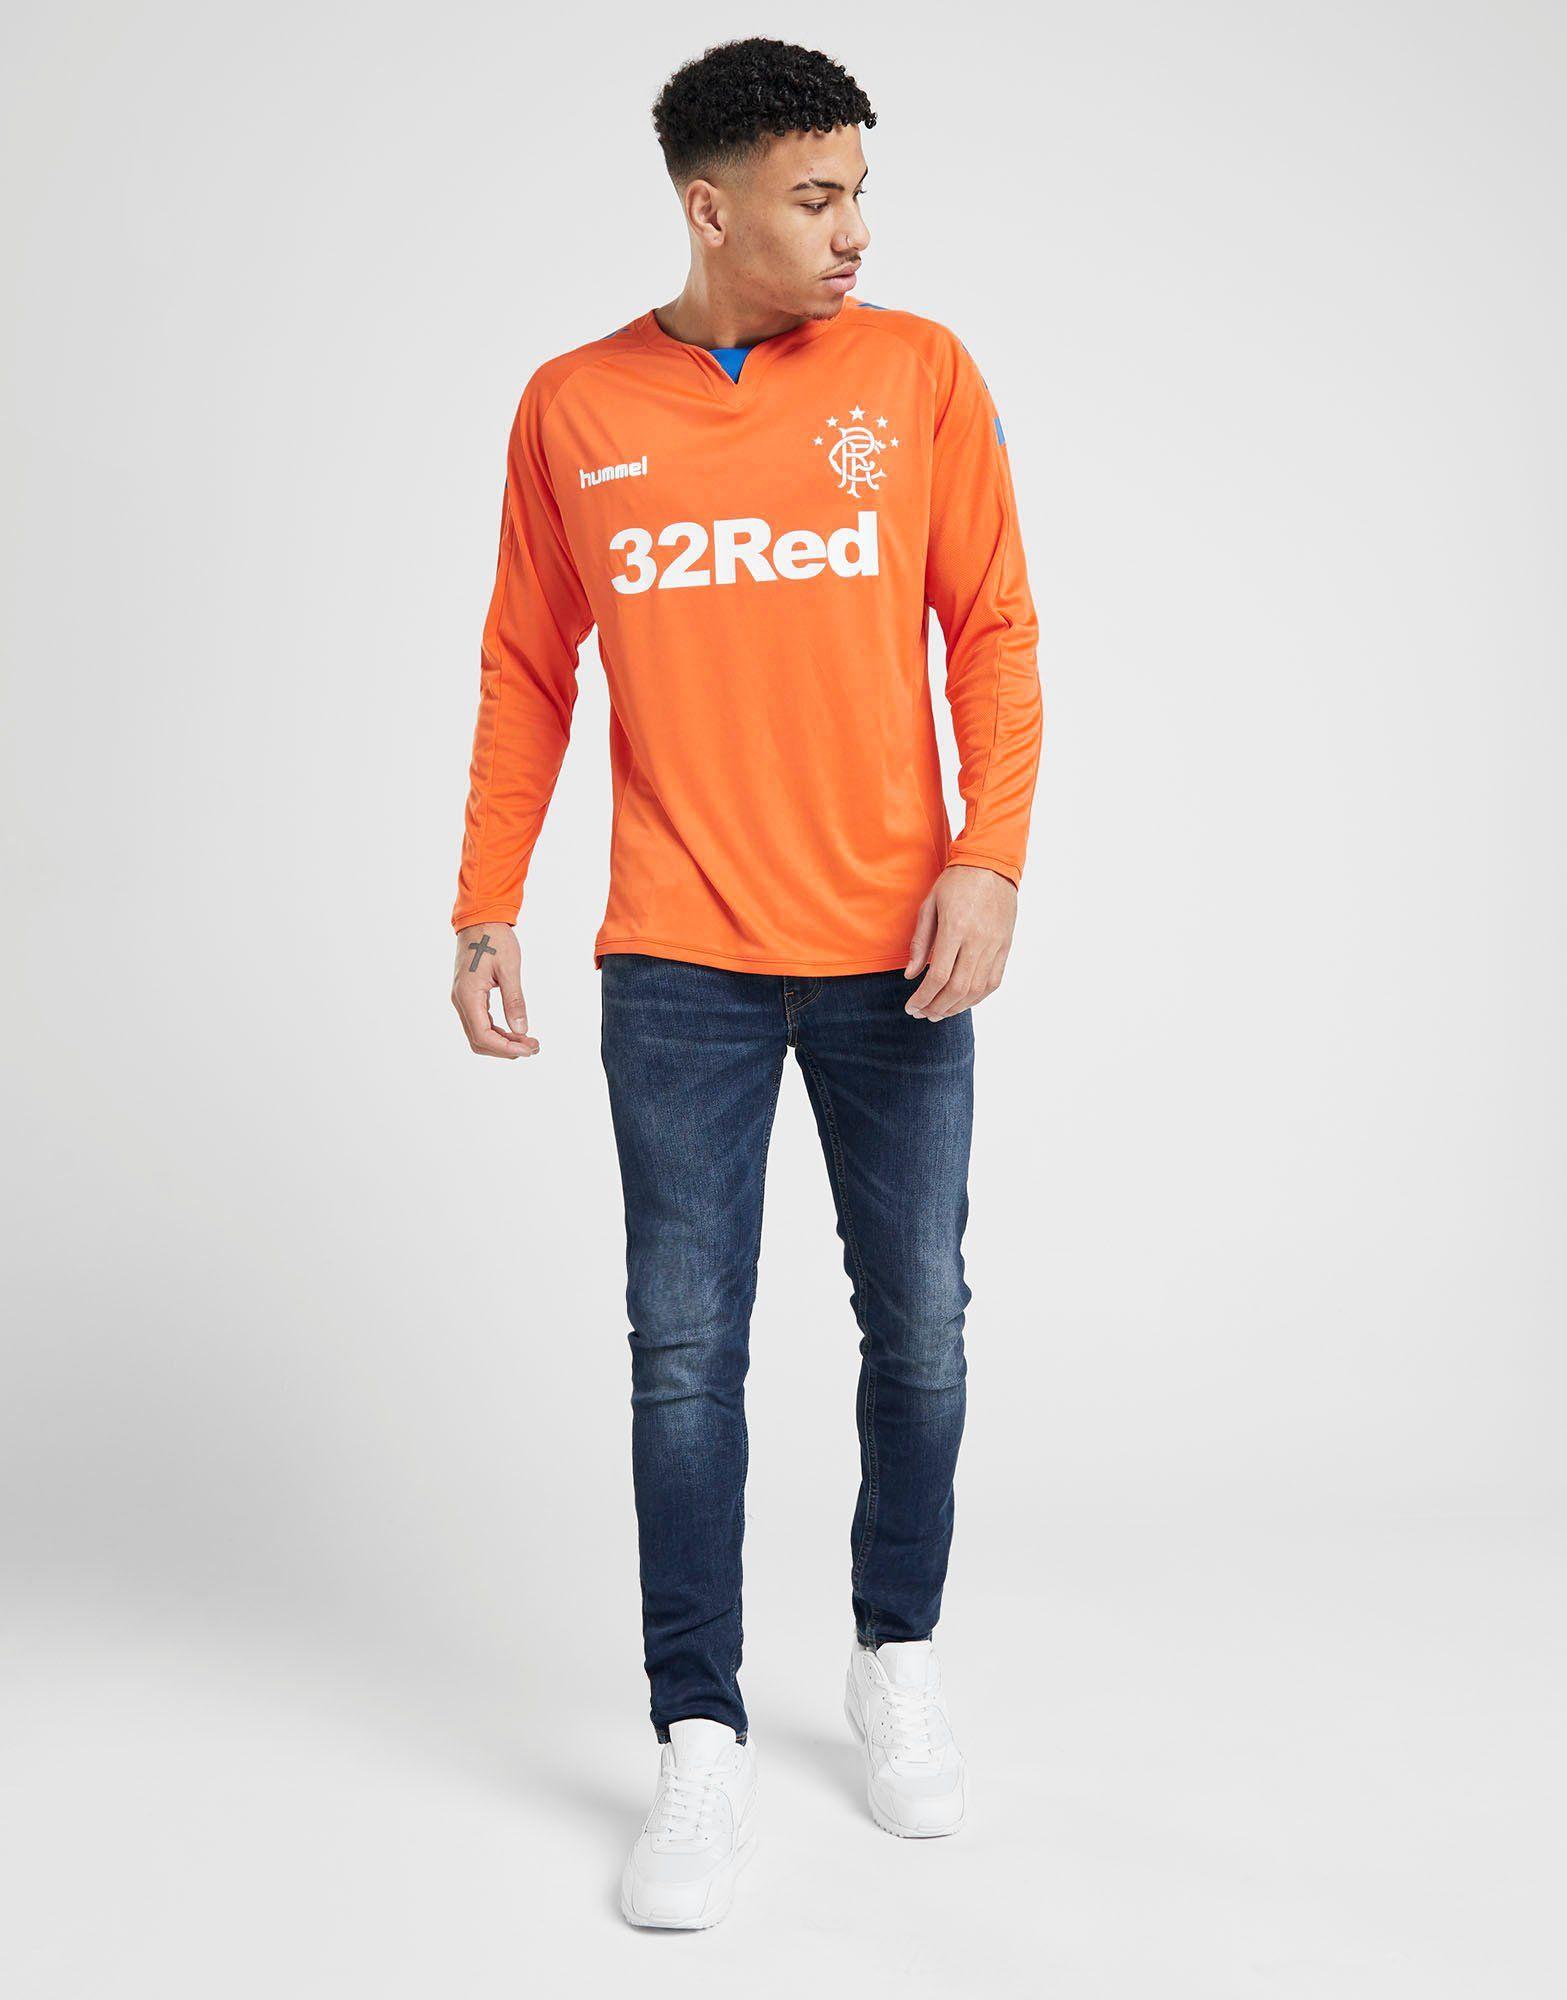 Hummel Rangers FC 2018/19 Long Sleeve Home Shirt